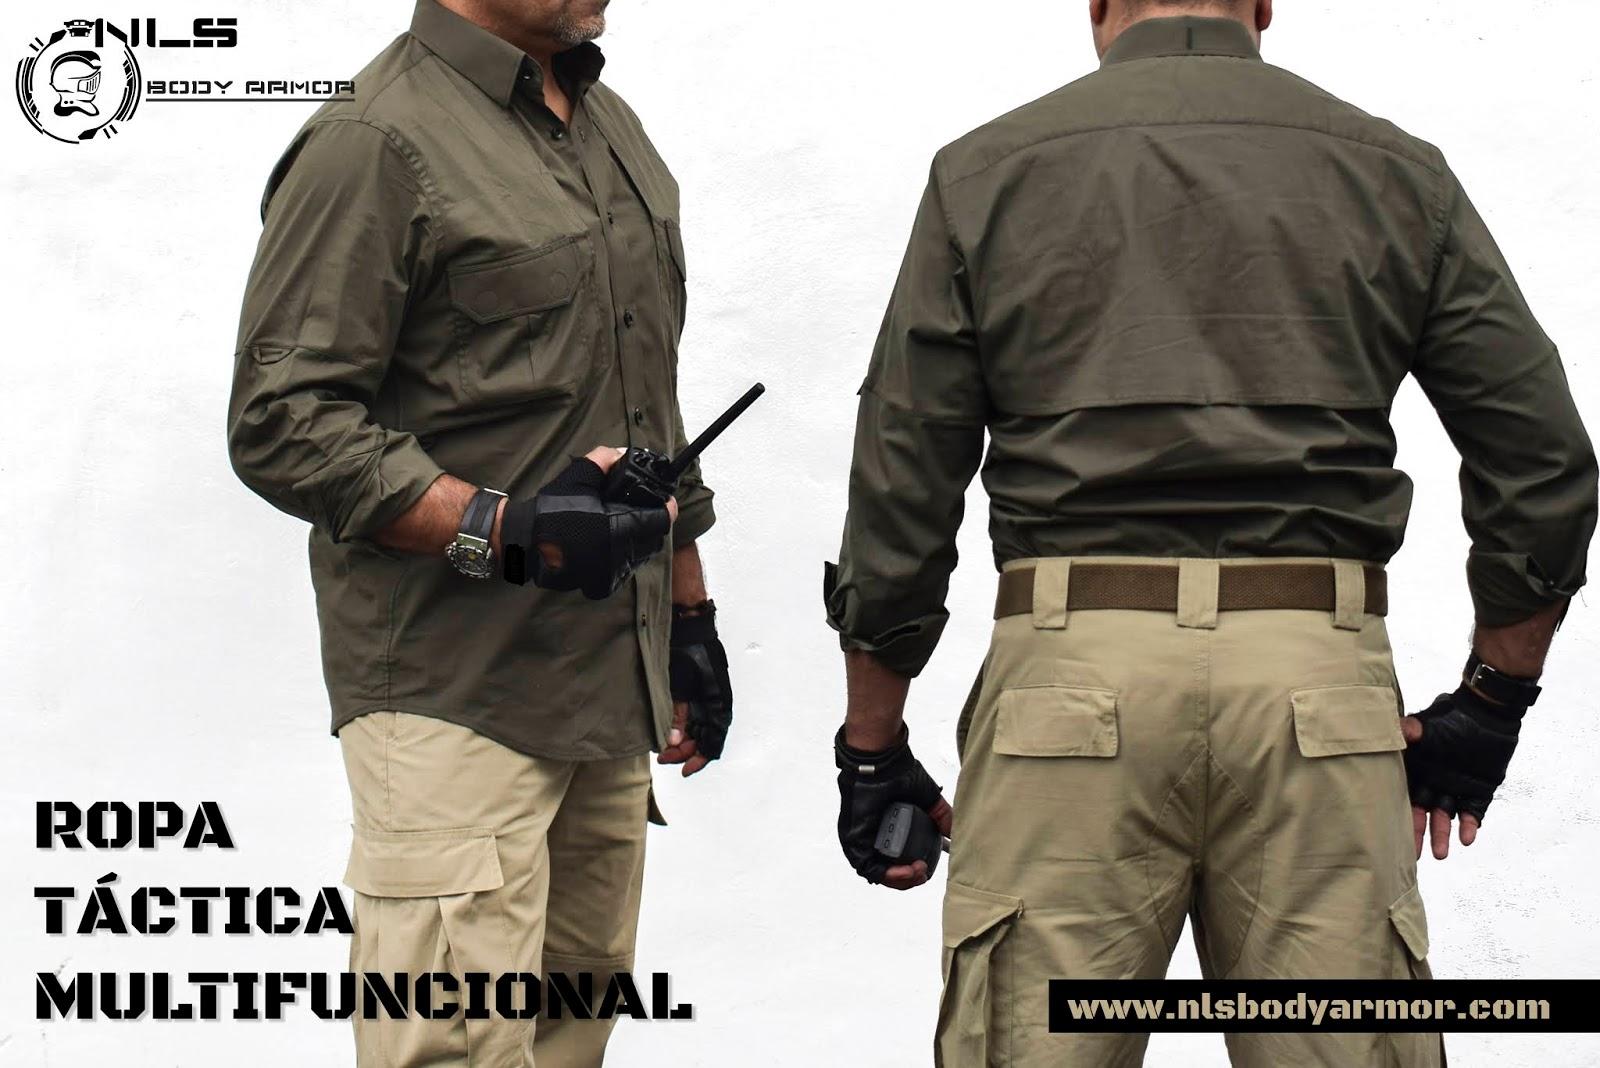 Ropa Blindada Colombiana Camisillas Blindadas Chalecos Antibalas Chaquetas Blindadas Camisa Tactica